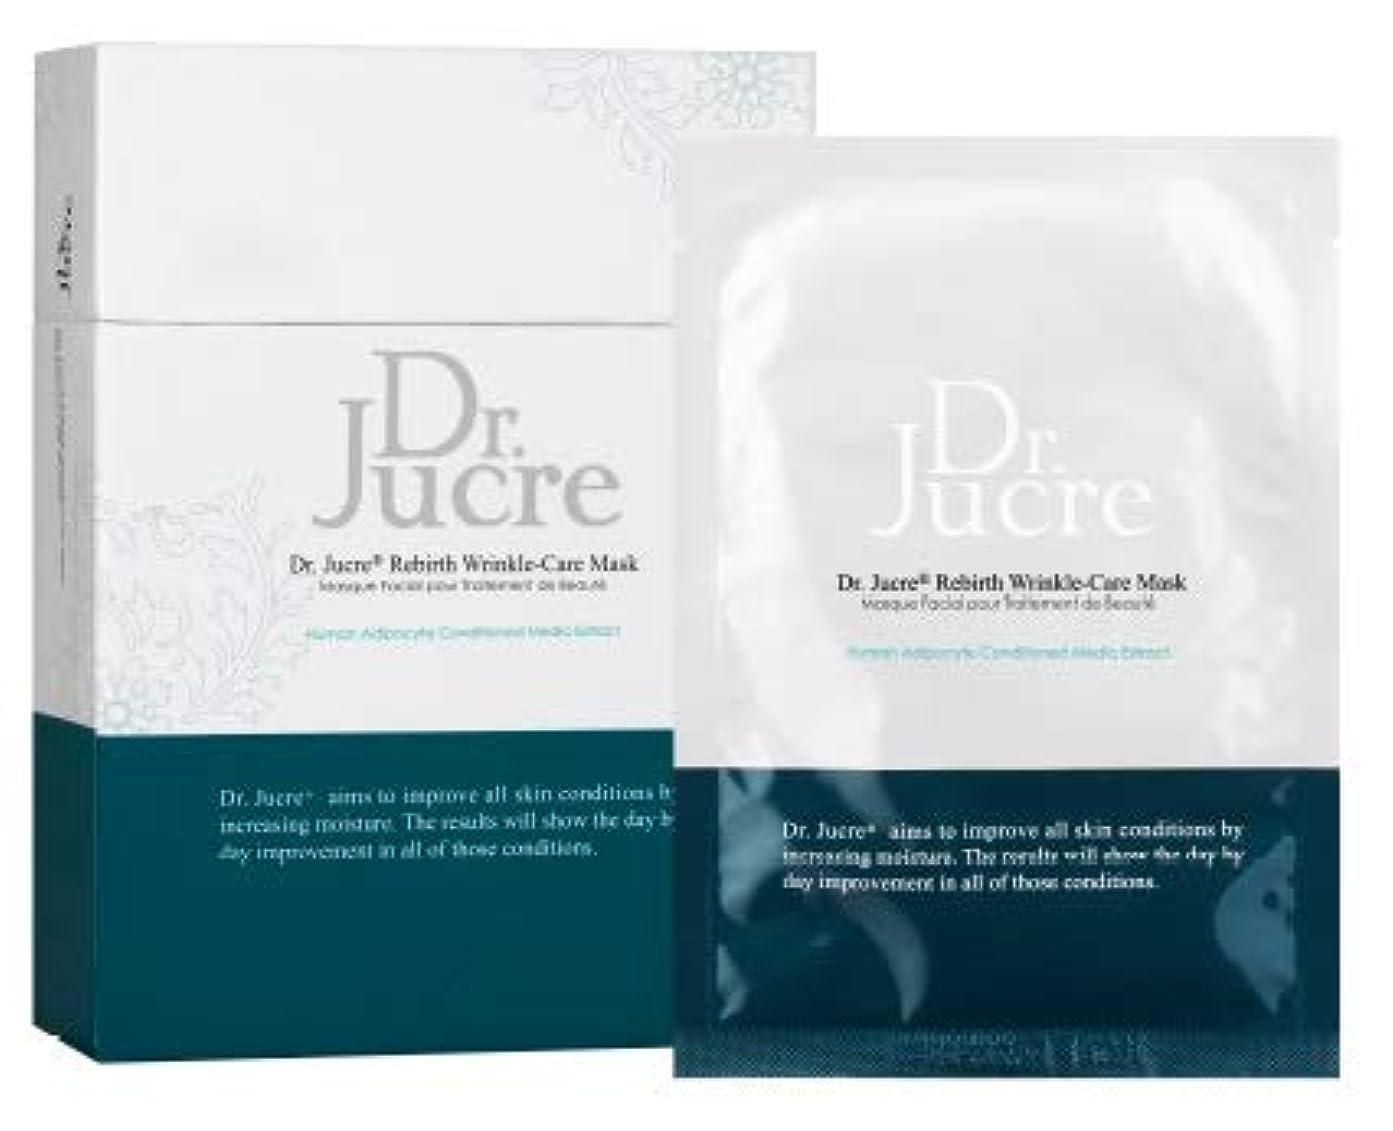 退化するバース不変ドクタージュクル リンクルケアマスク【Dr.Jucre Wrinkle-care Mask】30ml ×10枚 ヒト幹細胞化粧品 ヒト幹細胞培養液0.5% シートマスク